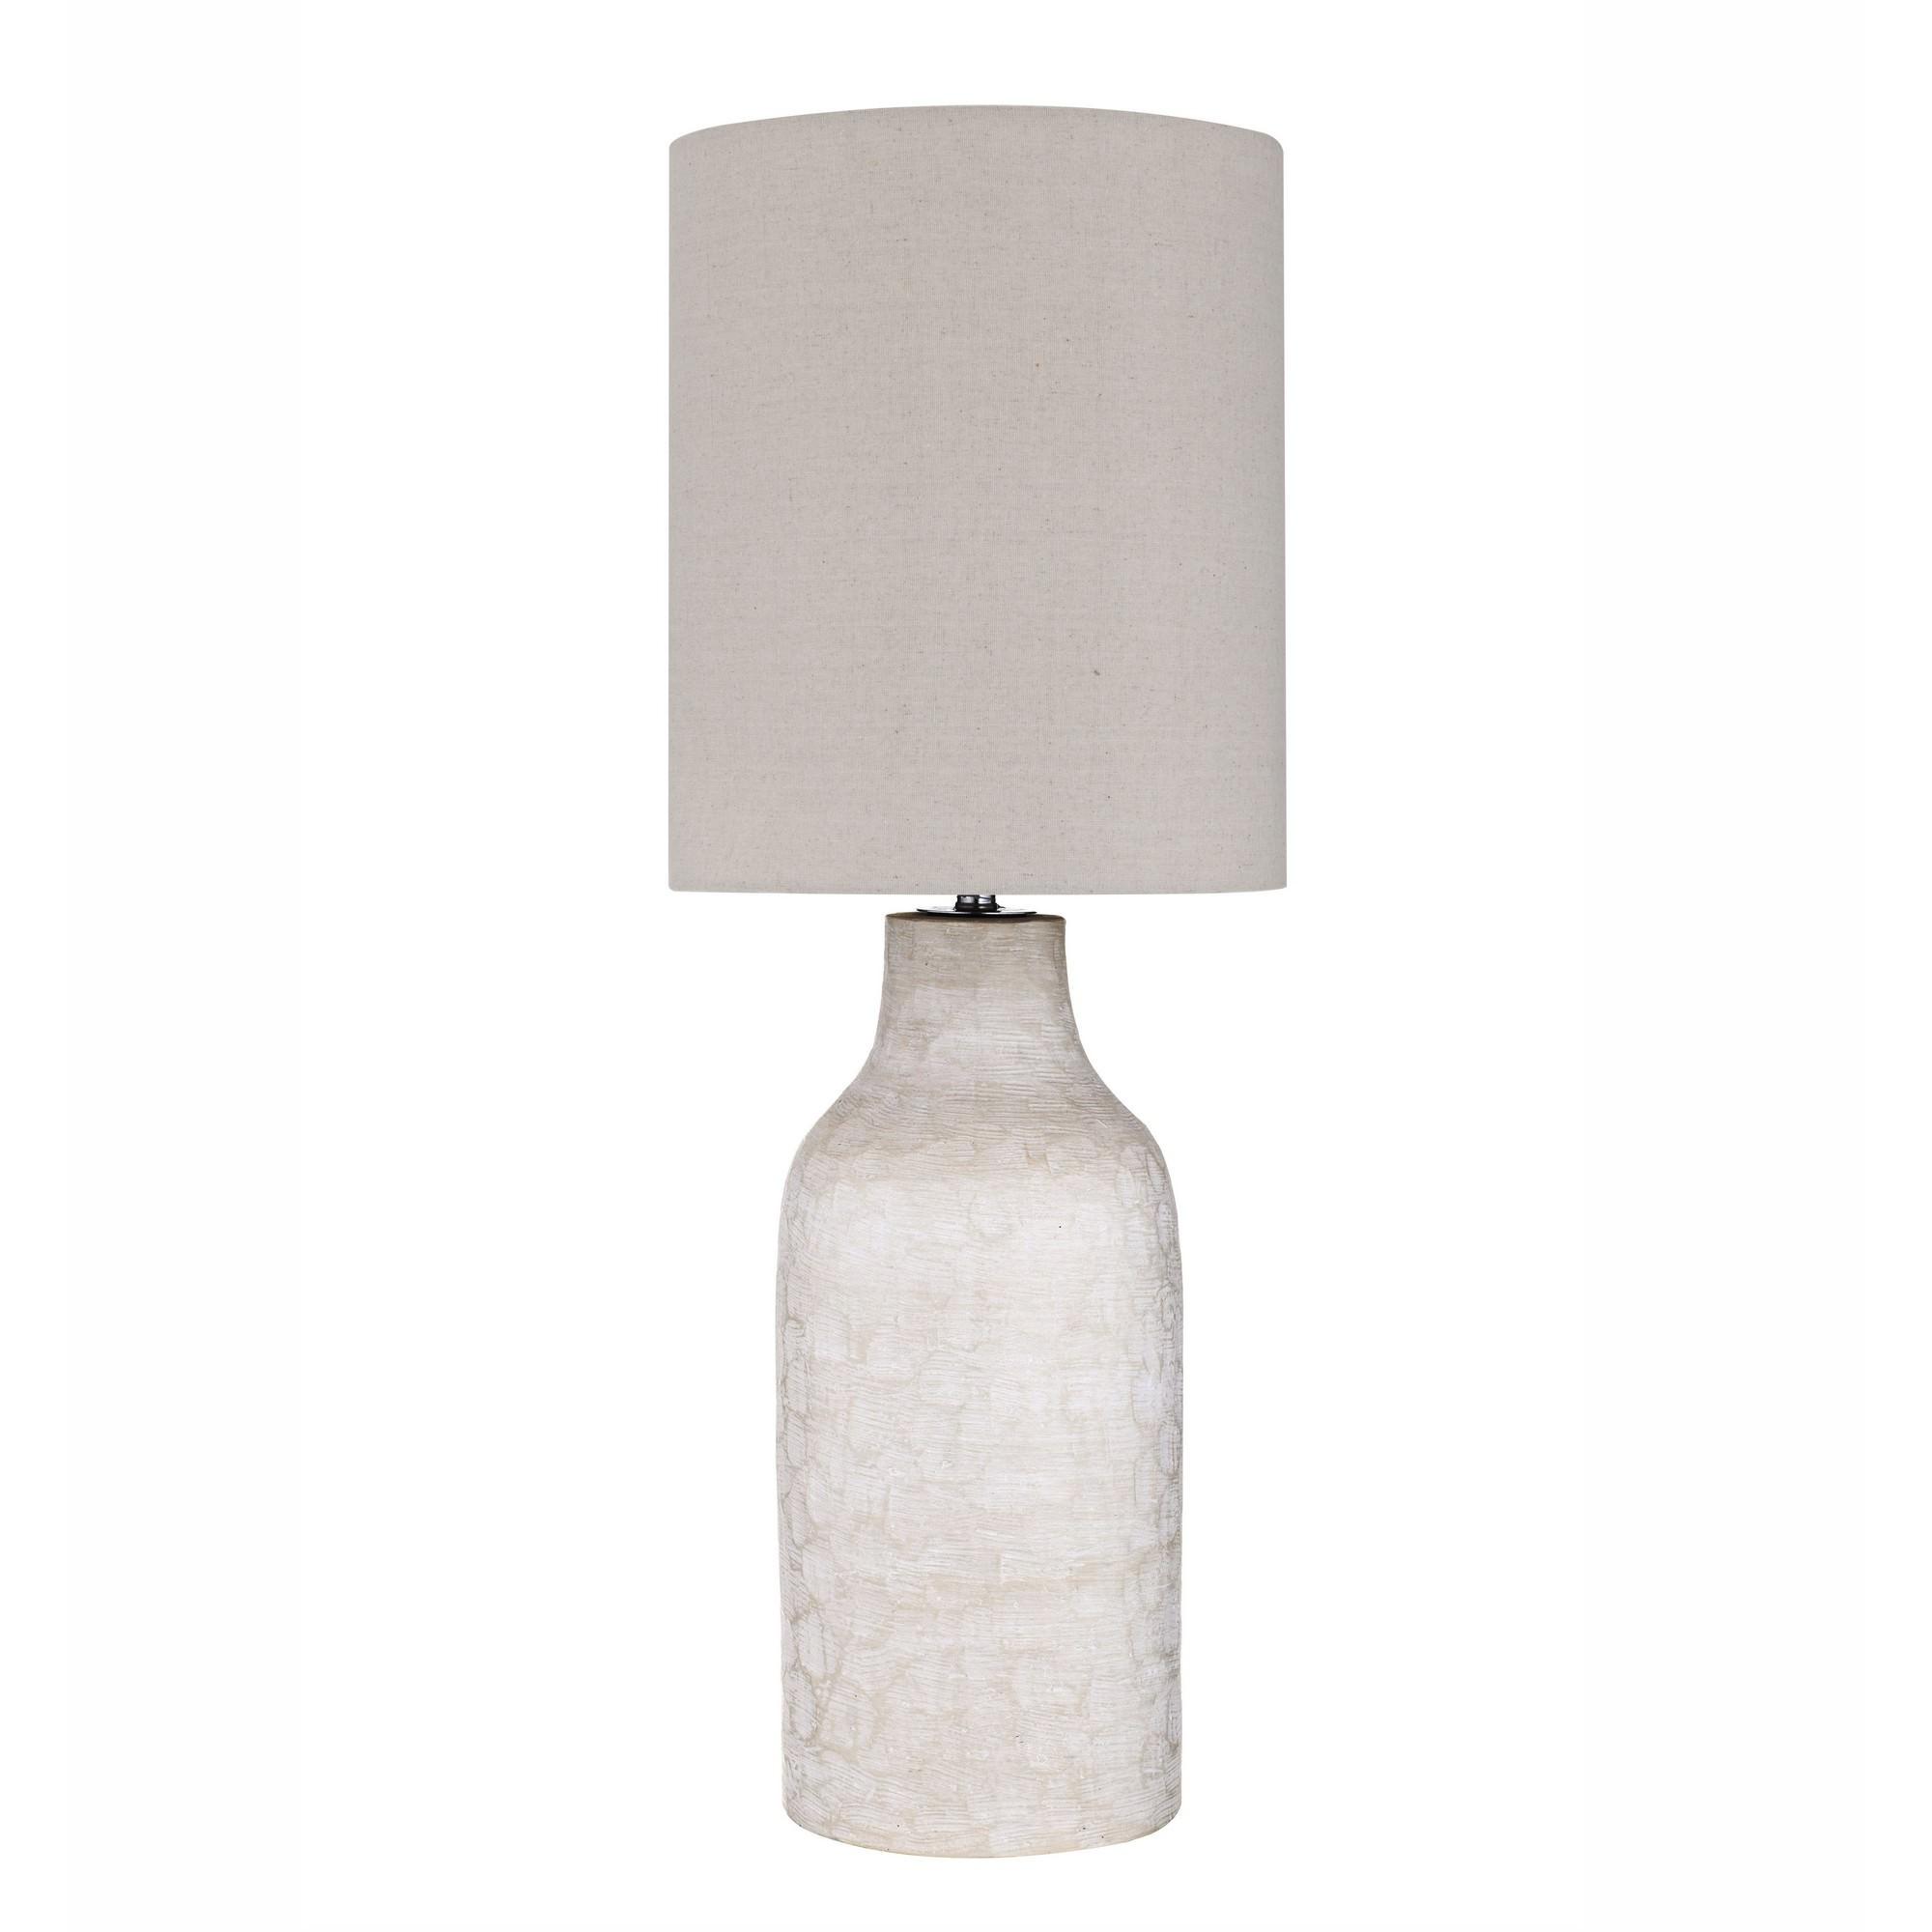 Tasman Ceramic Base Table Lamp